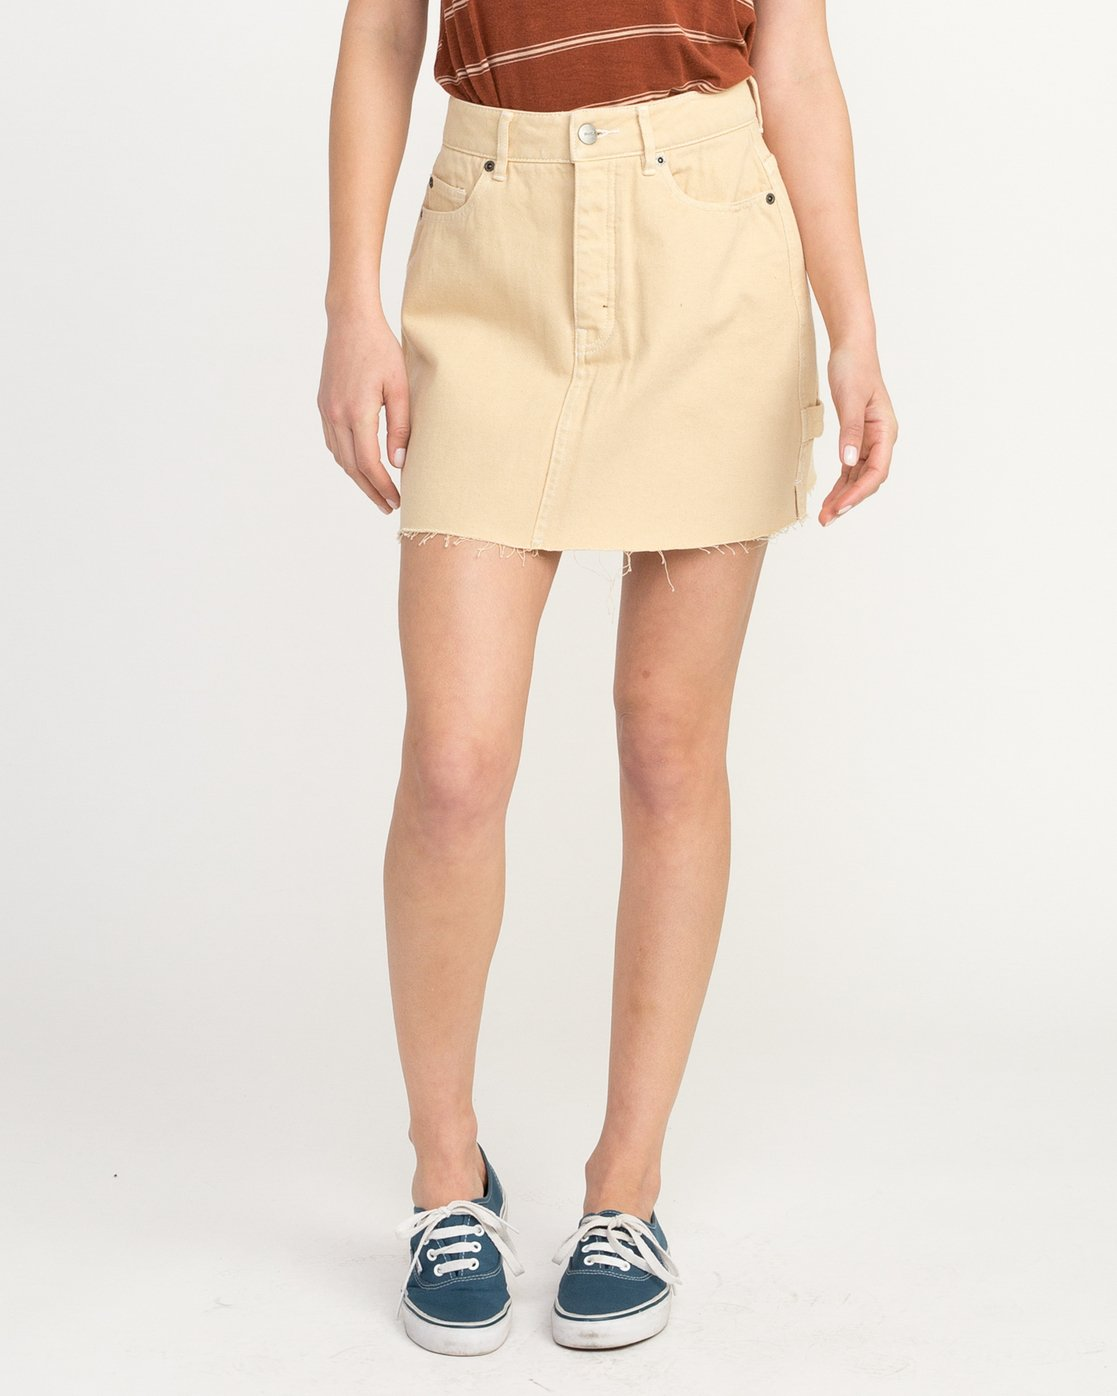 0 Hunn Neo Denim Mini Skirt Beige WK03QRNE RVCA